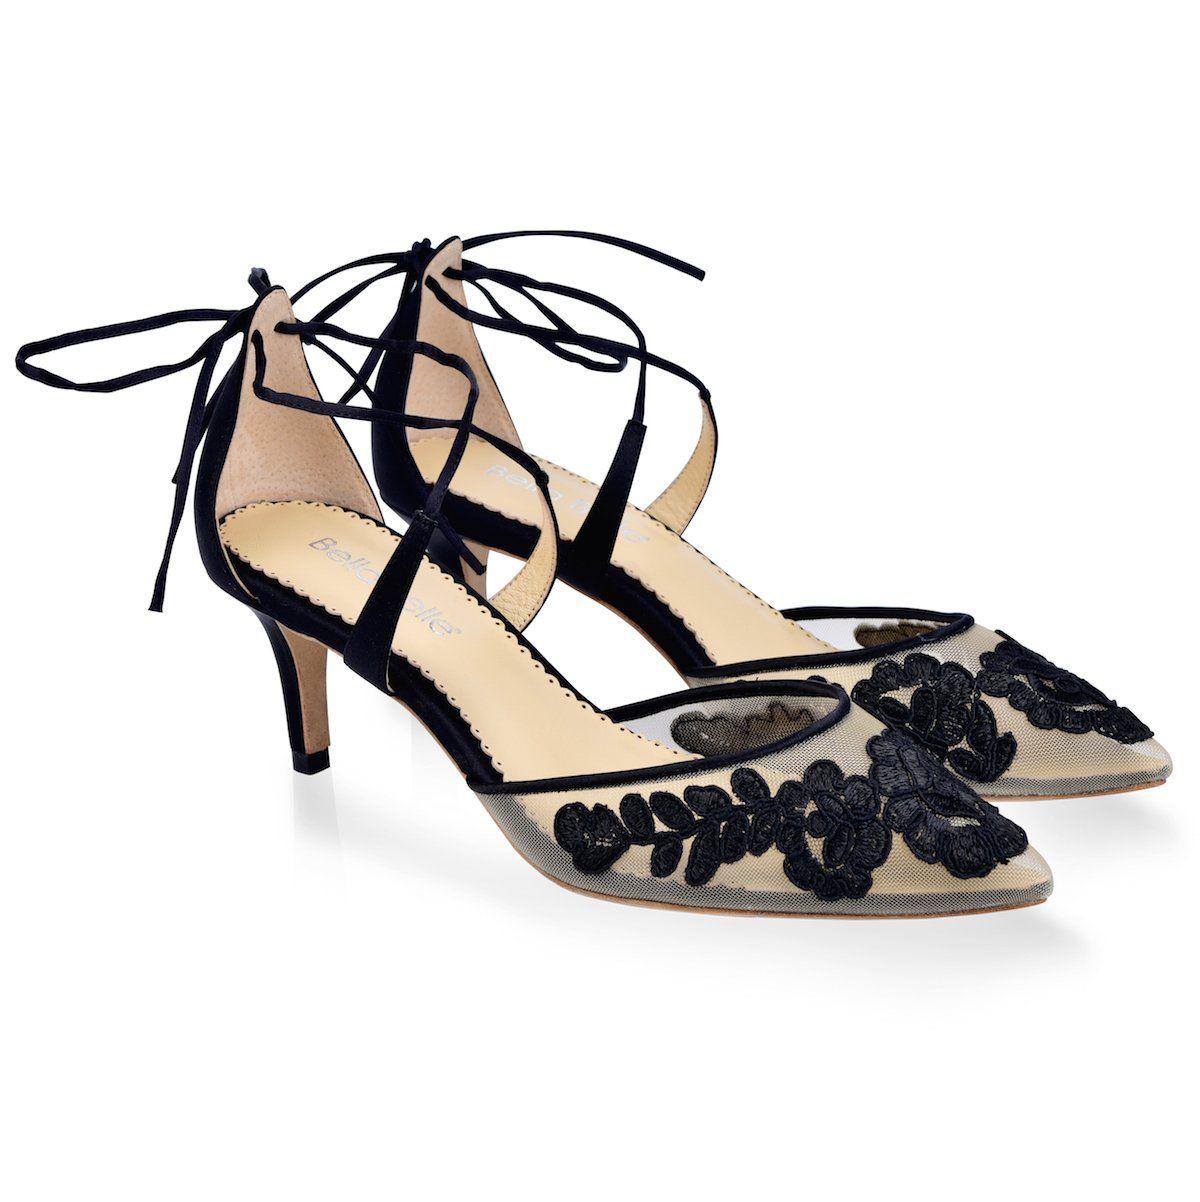 Kitten Lace Black Evening Shoe In 2020 Black Evening Shoes Evening Shoes Low Heel Black Heels Low